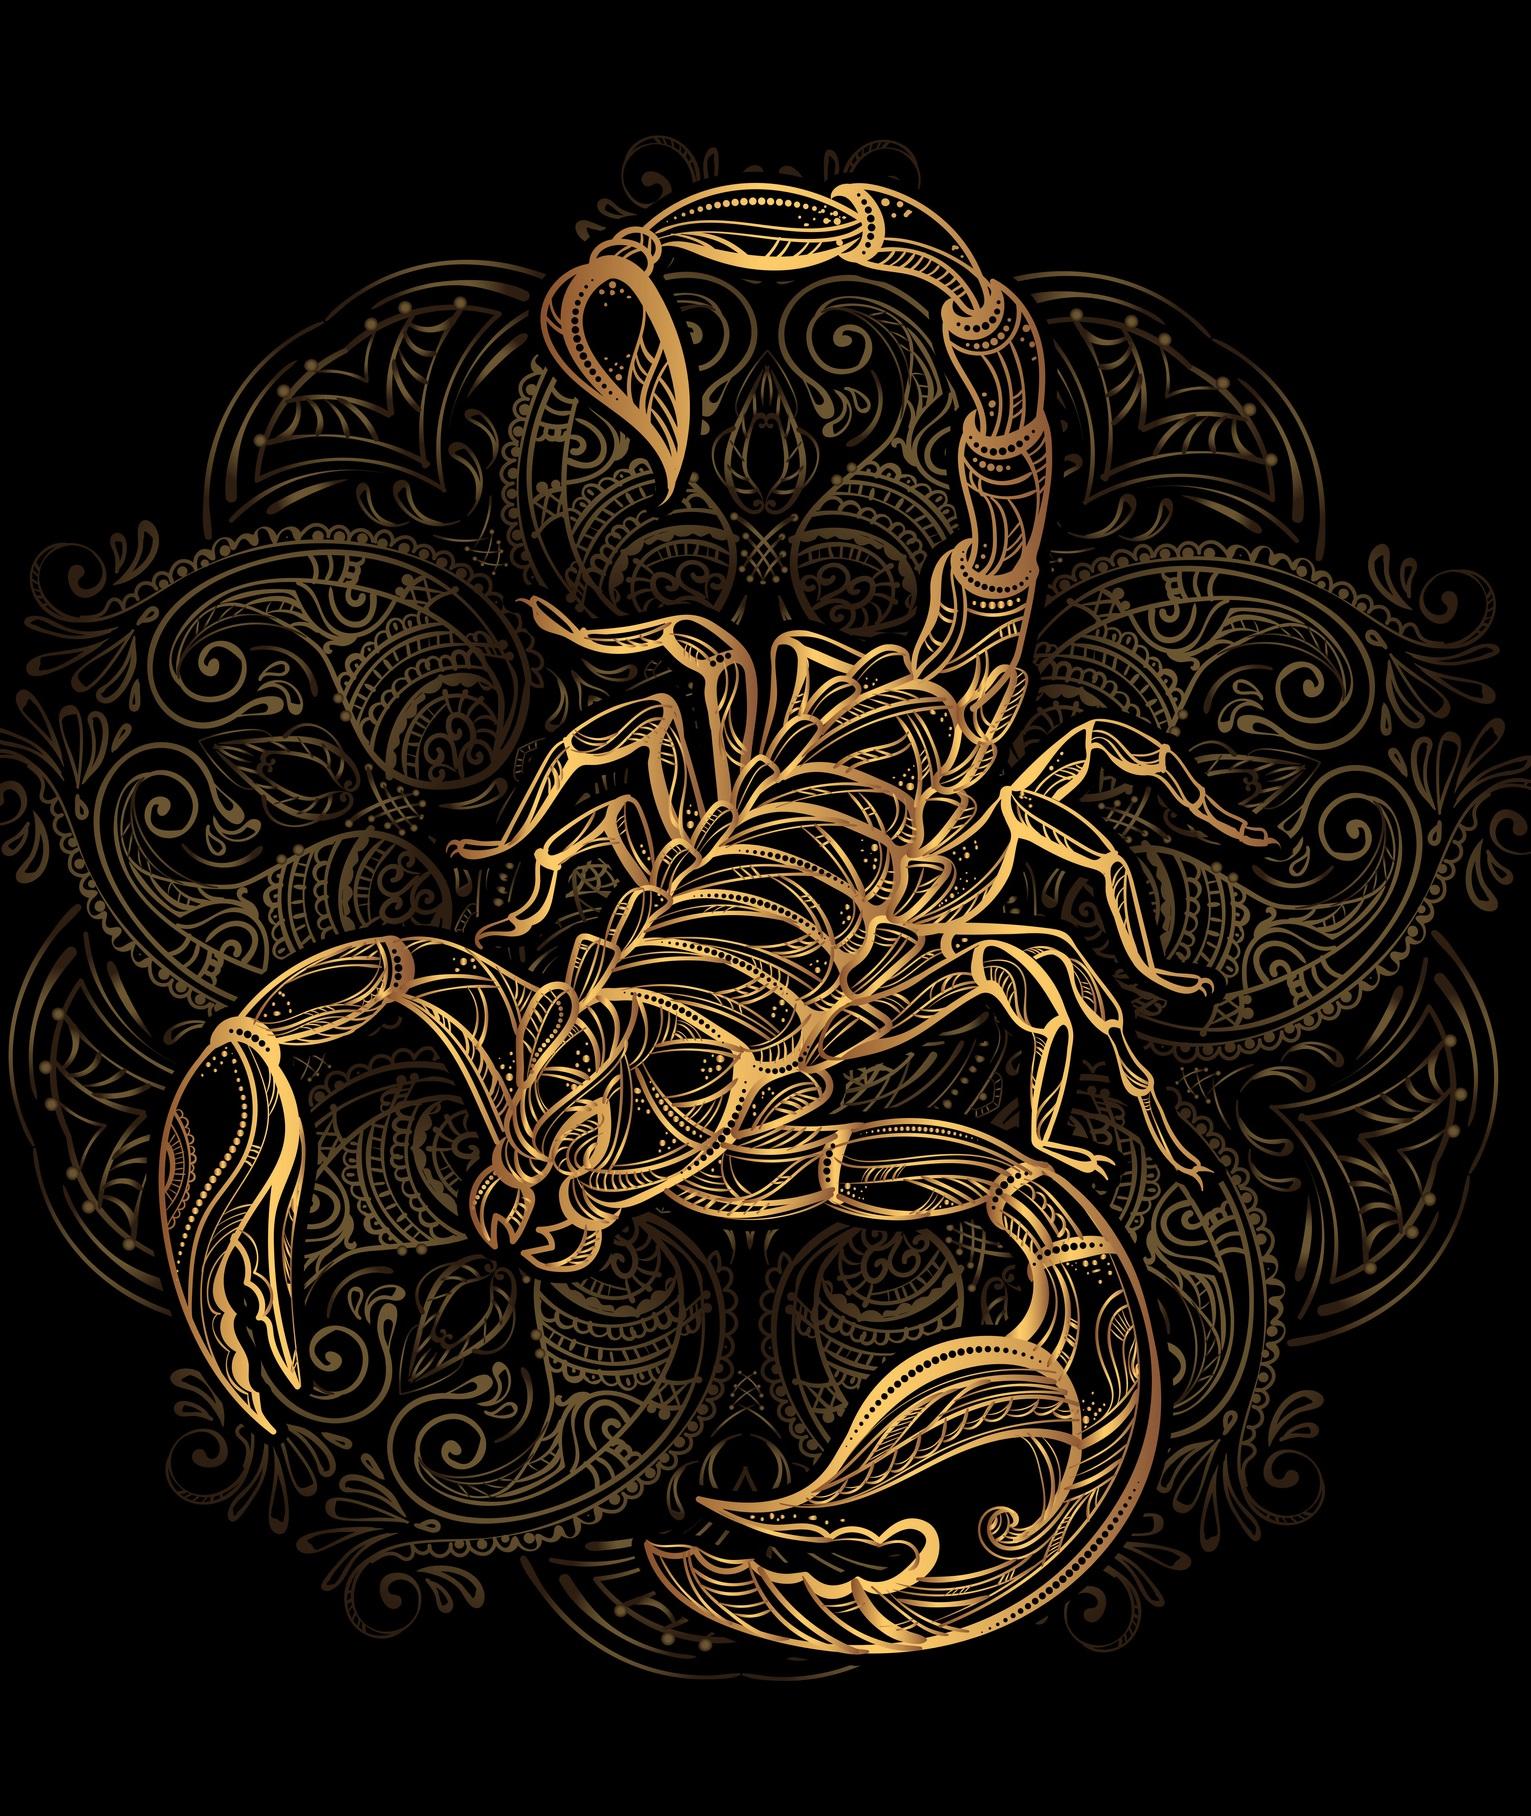 <p><strong>Скорпион</strong></p>  <p>Може да сте безстрашни, но не сте непобедими. Трябва да внимавате с избора си и да се грижите добре за себе си. Не искате да вземате импулсивно и прибързано решение, което в крайна сметка ще ви навреди. Обмислете нещата. Бъдете разумни към действията си.</p>